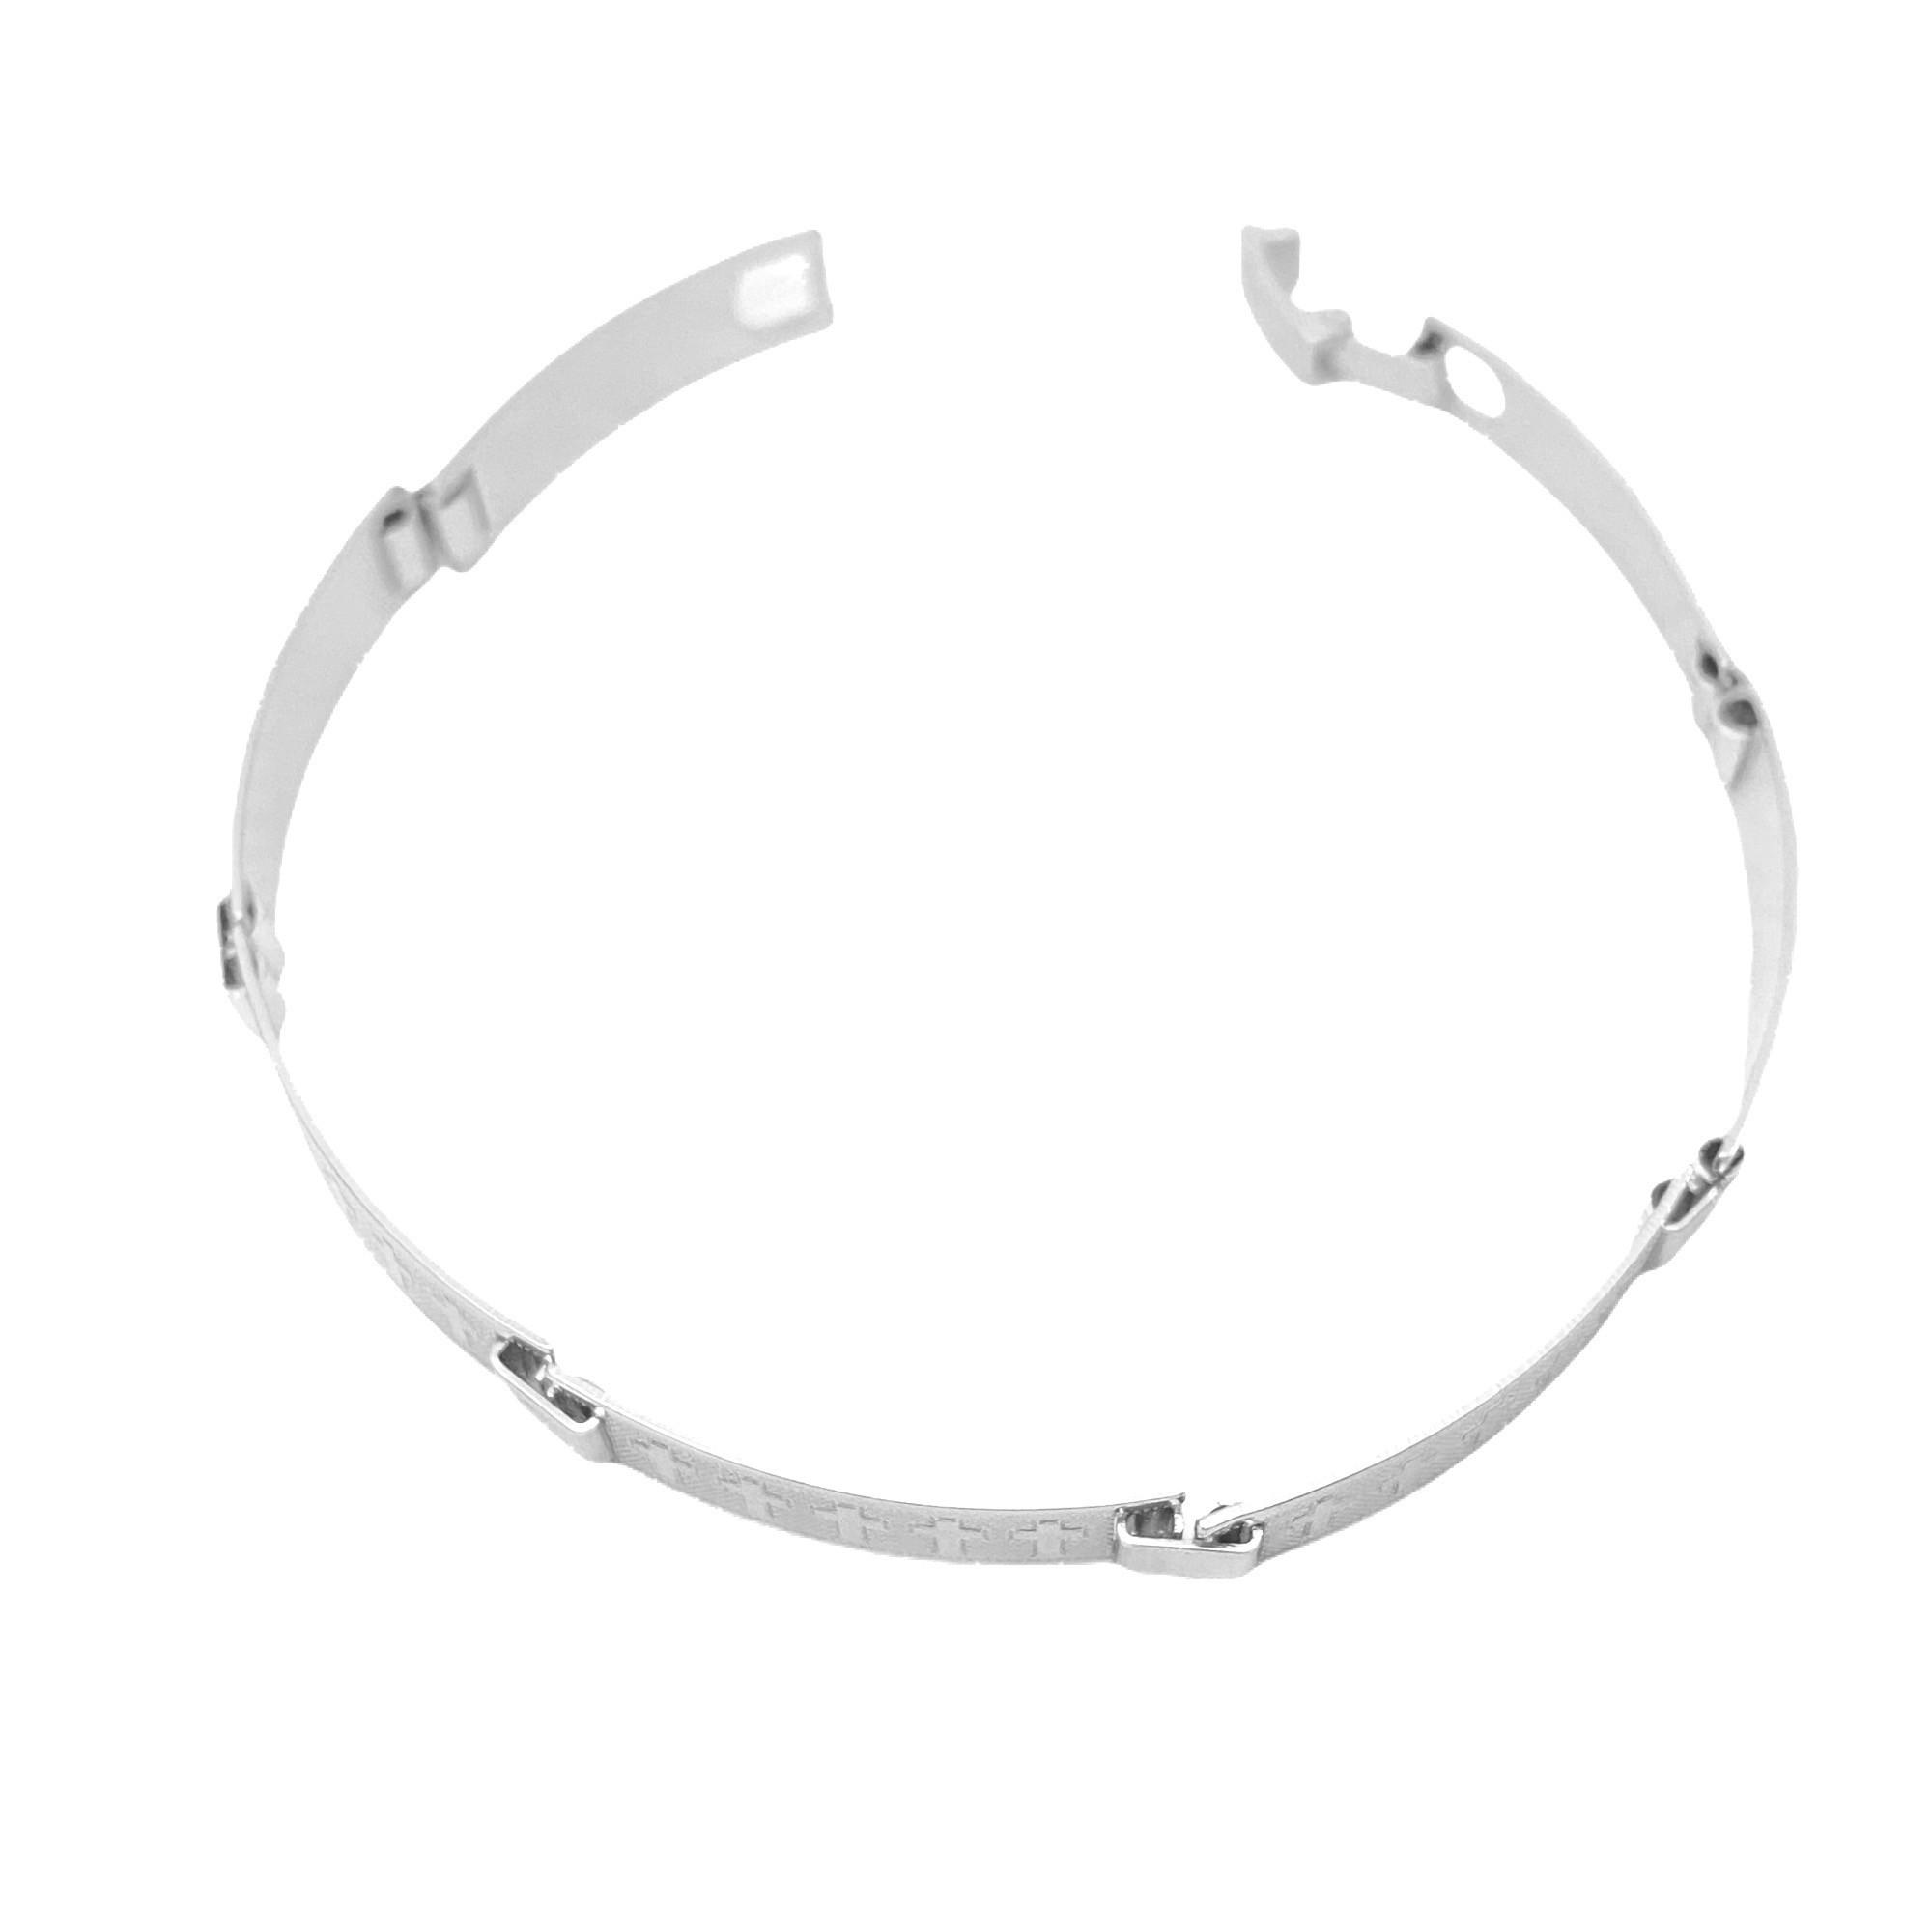 Bracelete Cruz 7mm (9,3g) (Banho Prata 925)